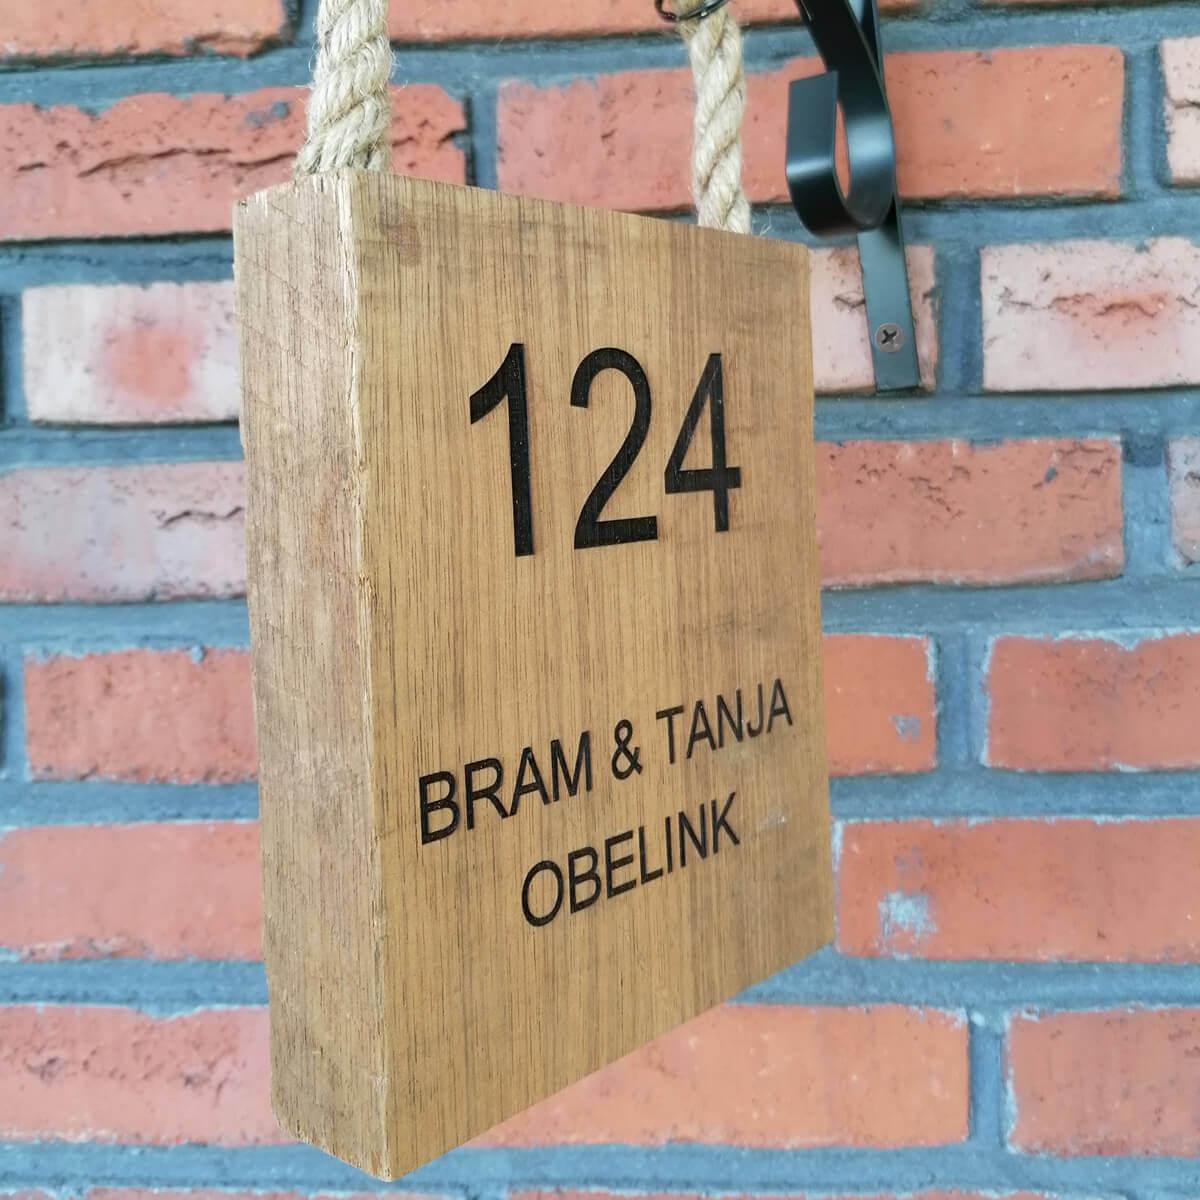 Houten naambord met jullie namen en het huisnummer